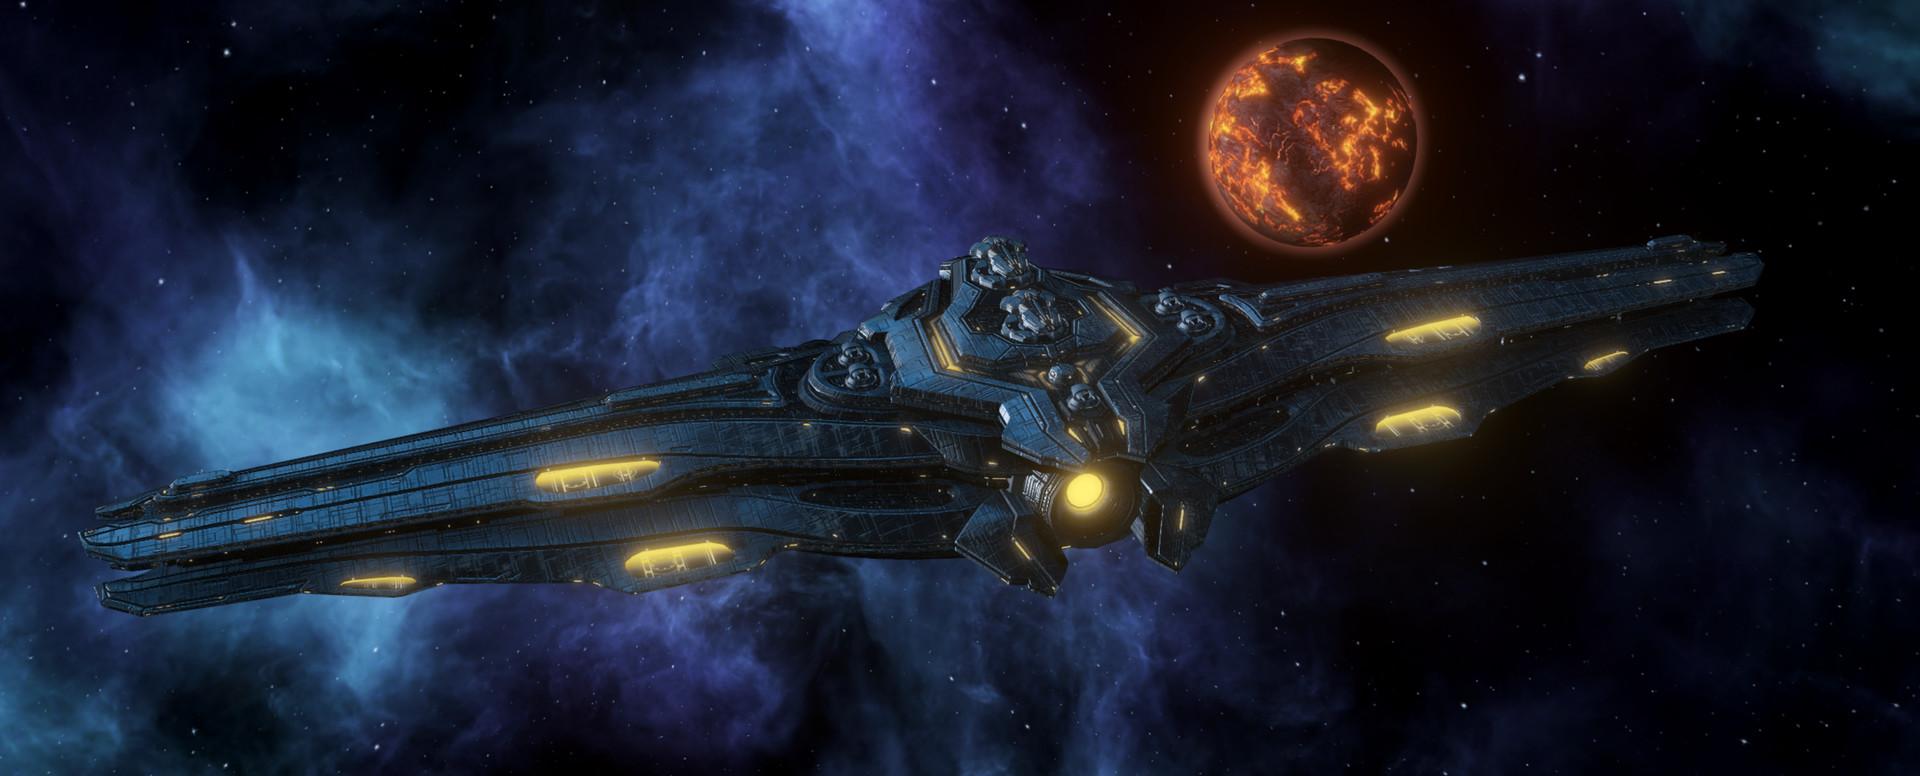 《群星:联邦》DLC预购开启 售价70元3月17日发售